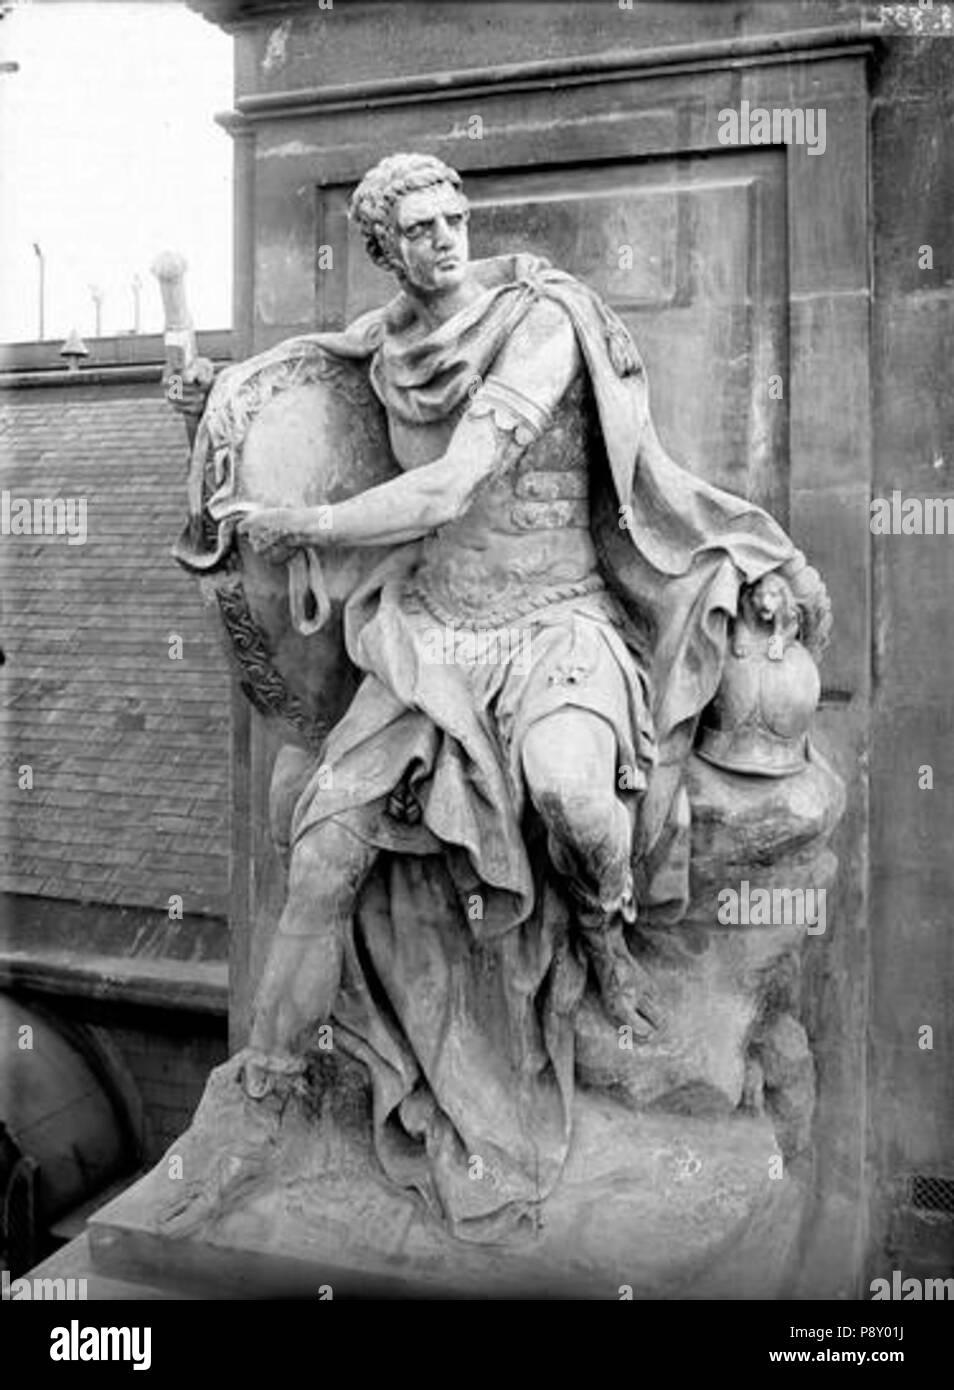 260 Domaine national du Palais-Royal - Cour d'honneur, façade nord, statue des talents militaires - Paris - Médiathèque de l'architecture et du patrimoine - APMH00023837 - Stock Image